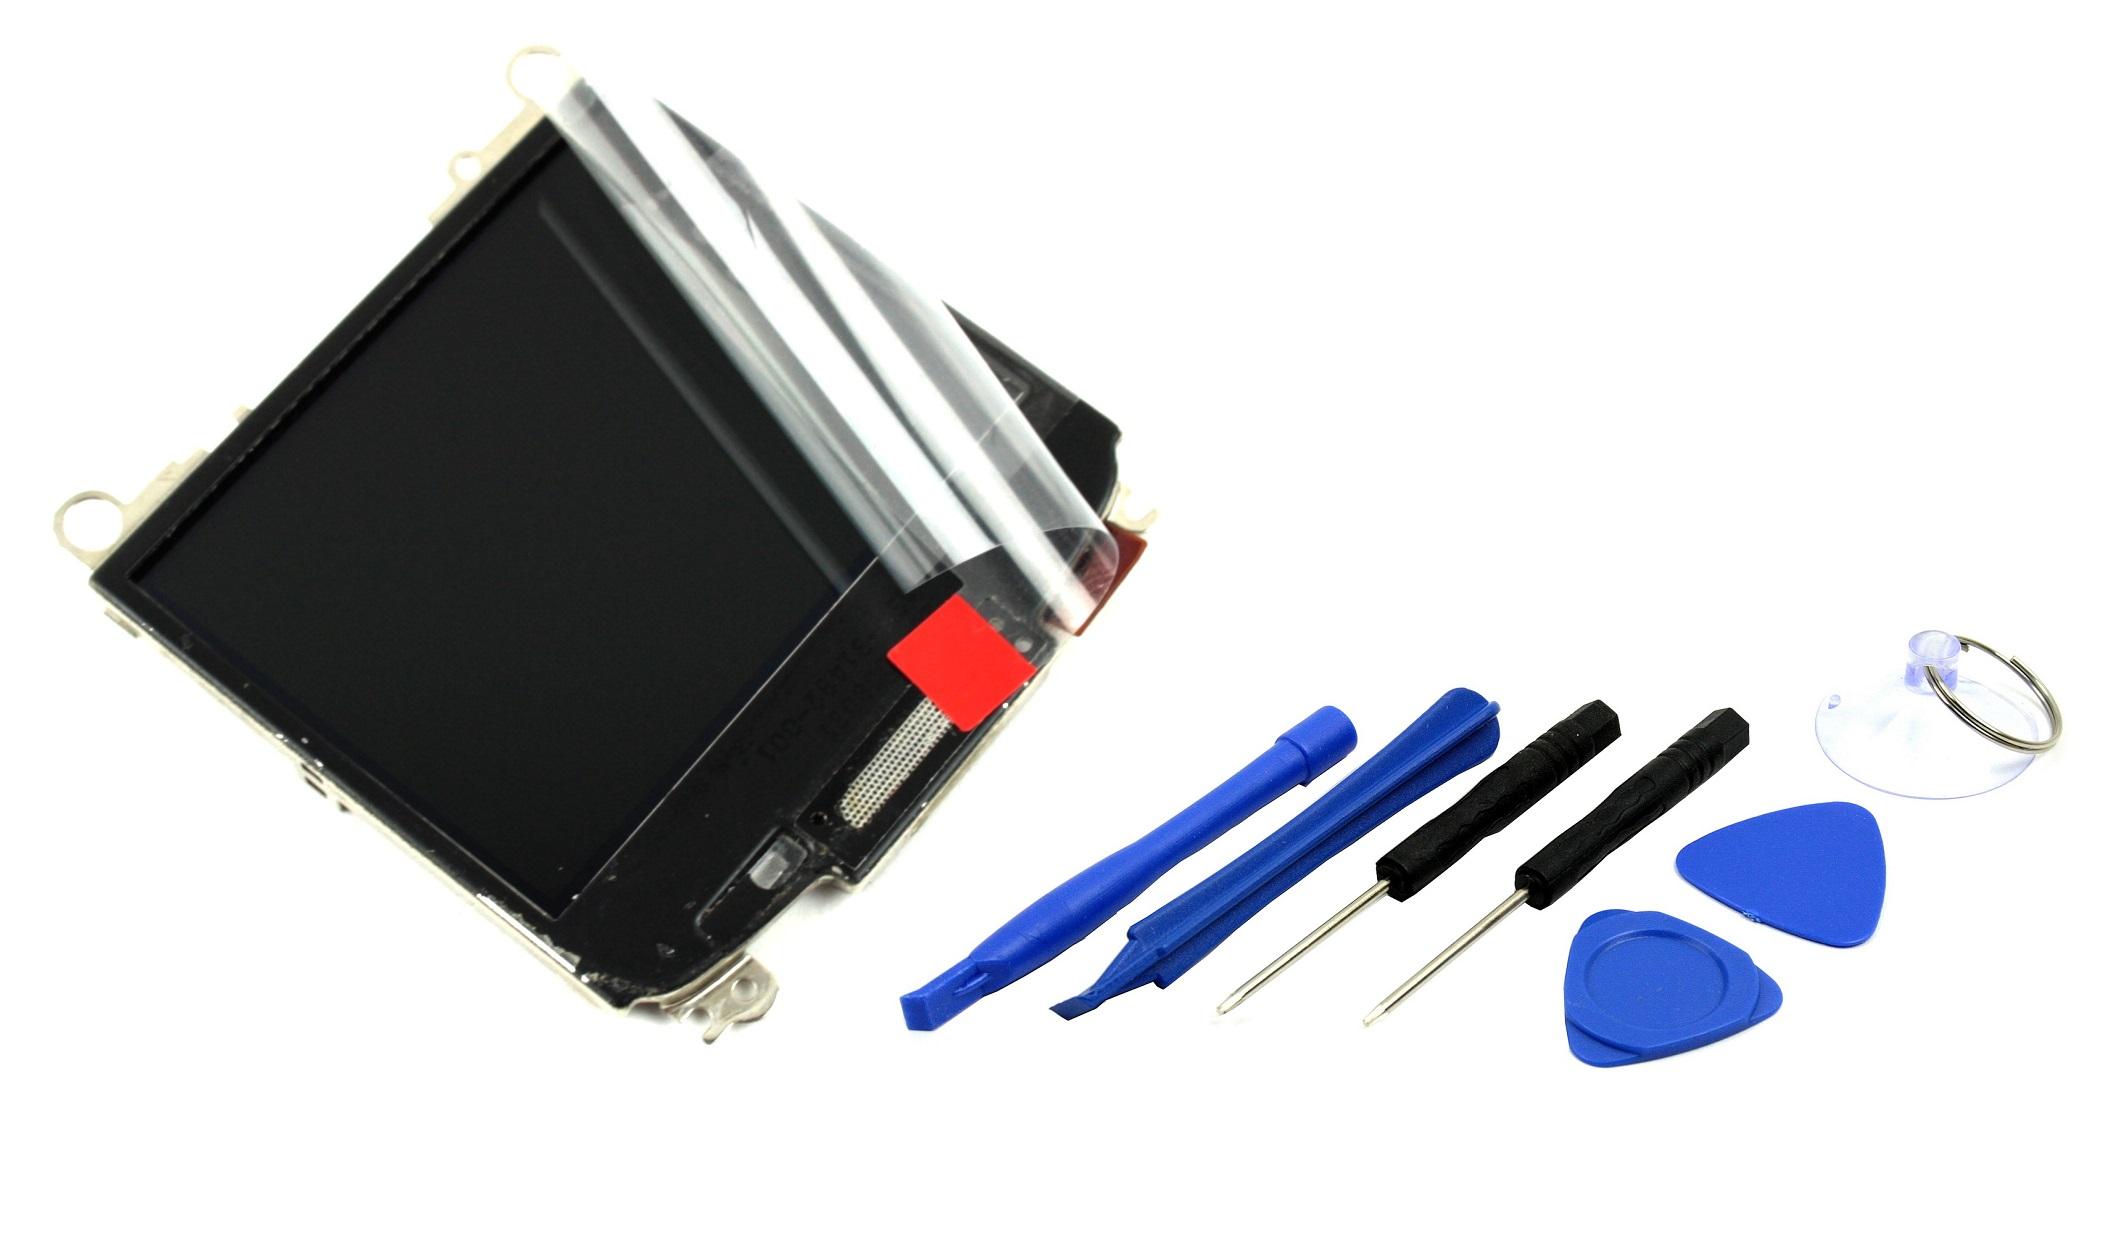 ORYGINALNY WYSWIETLACZ LCD BLACKBERRY 8520 CURVE